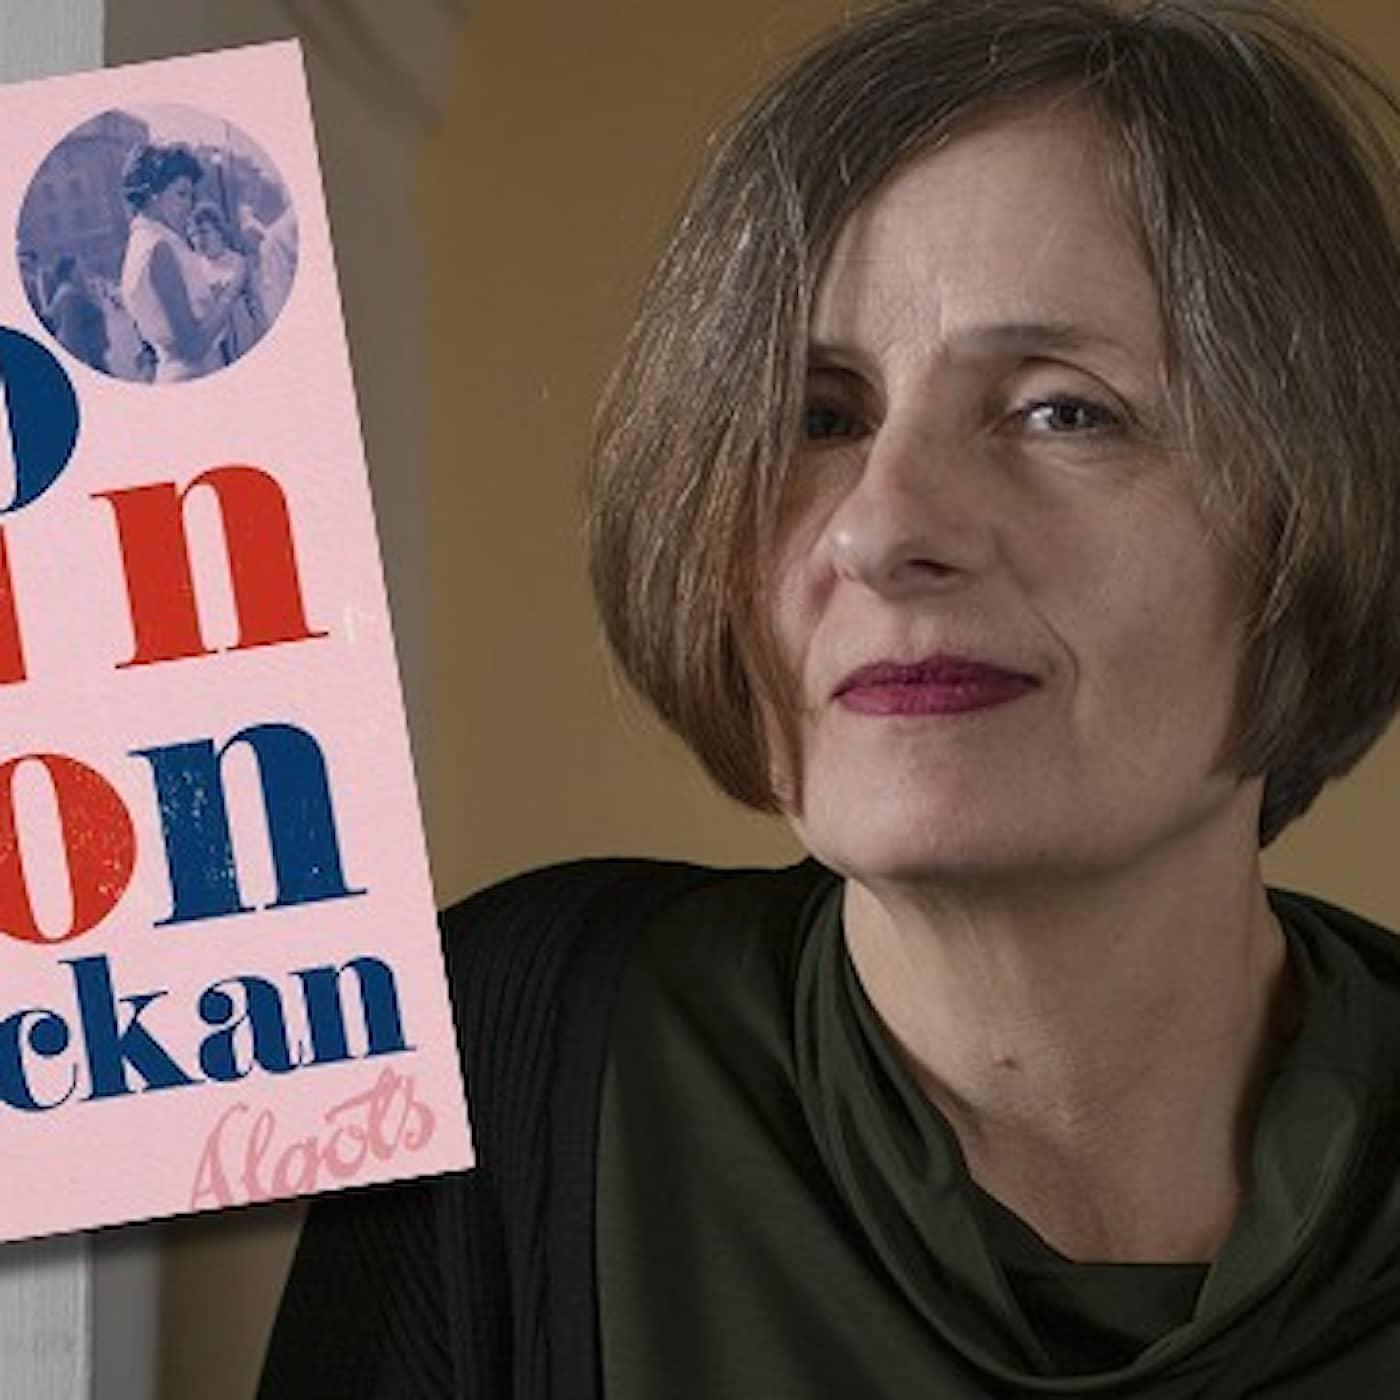 Alakoskis nya roman mer välvillig än bra